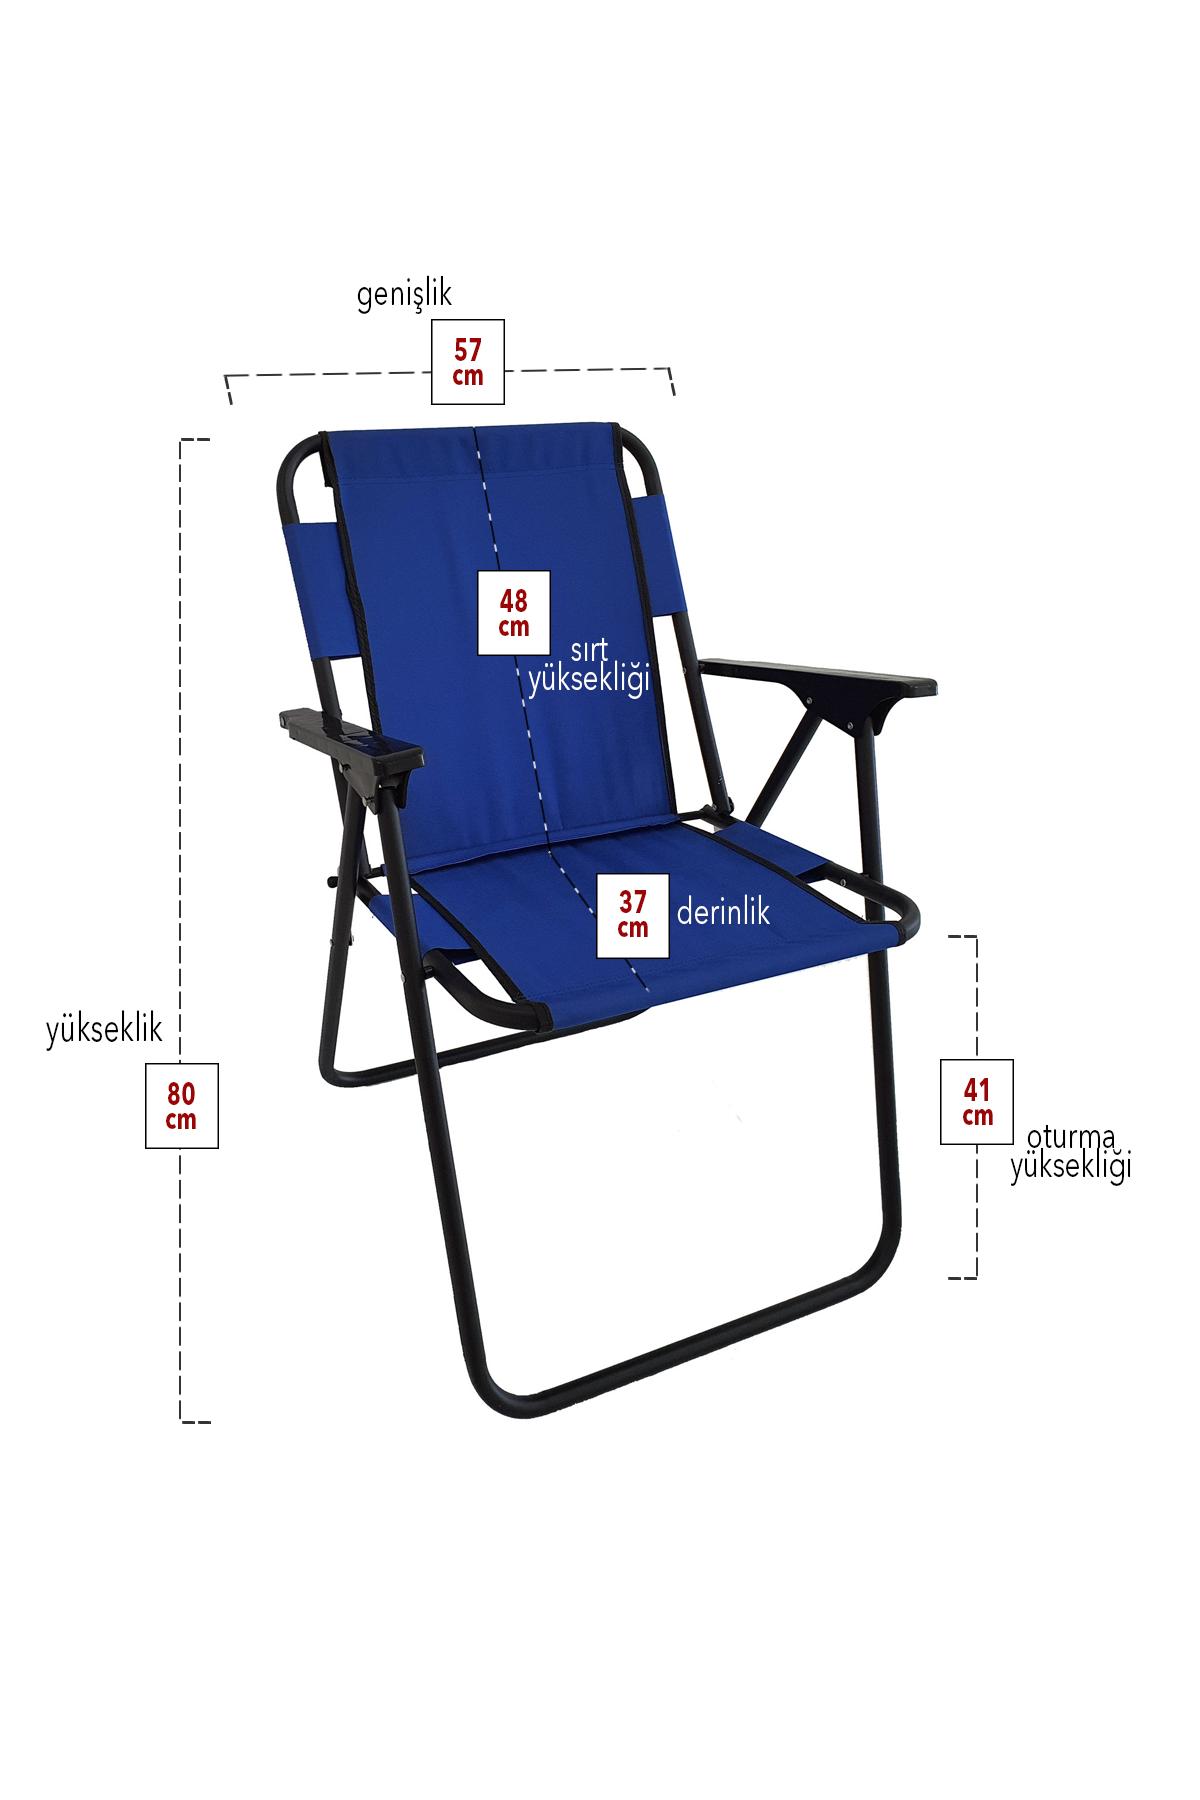 Bofigo 3 Pcs Camping Chair Folding Chair Picnic Chair Beach Chair Blue